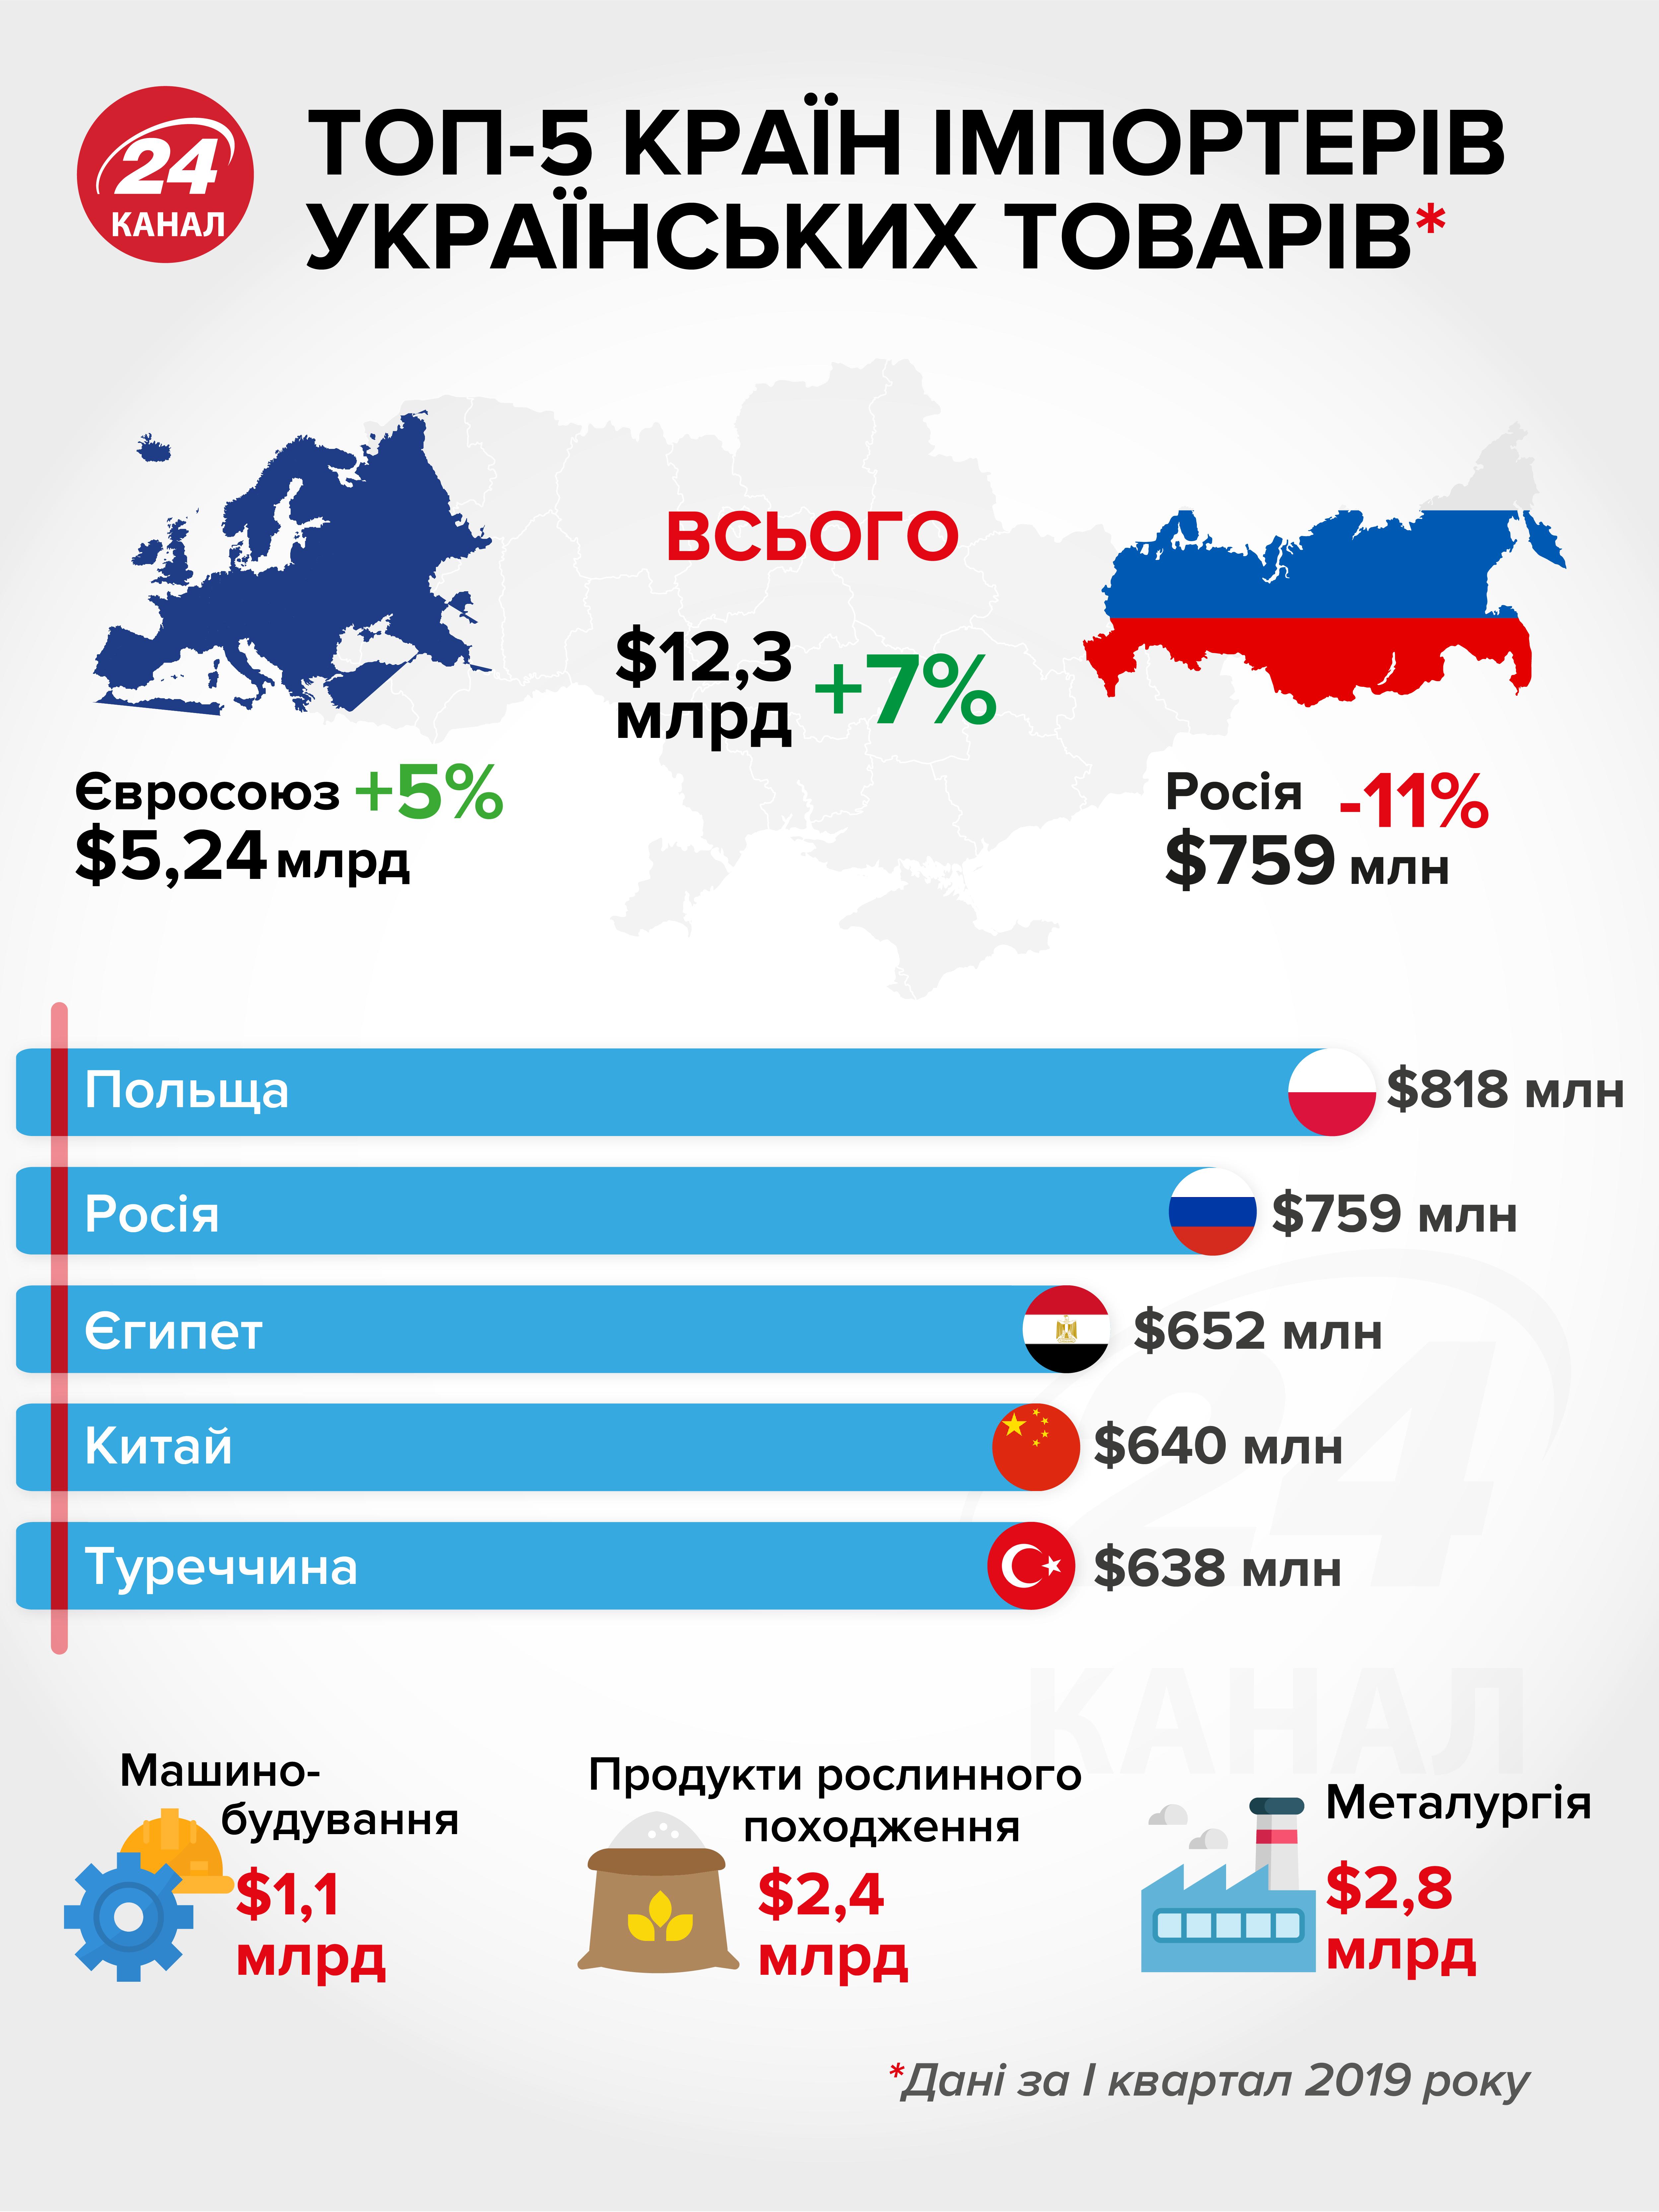 Хто імпортує товари з України